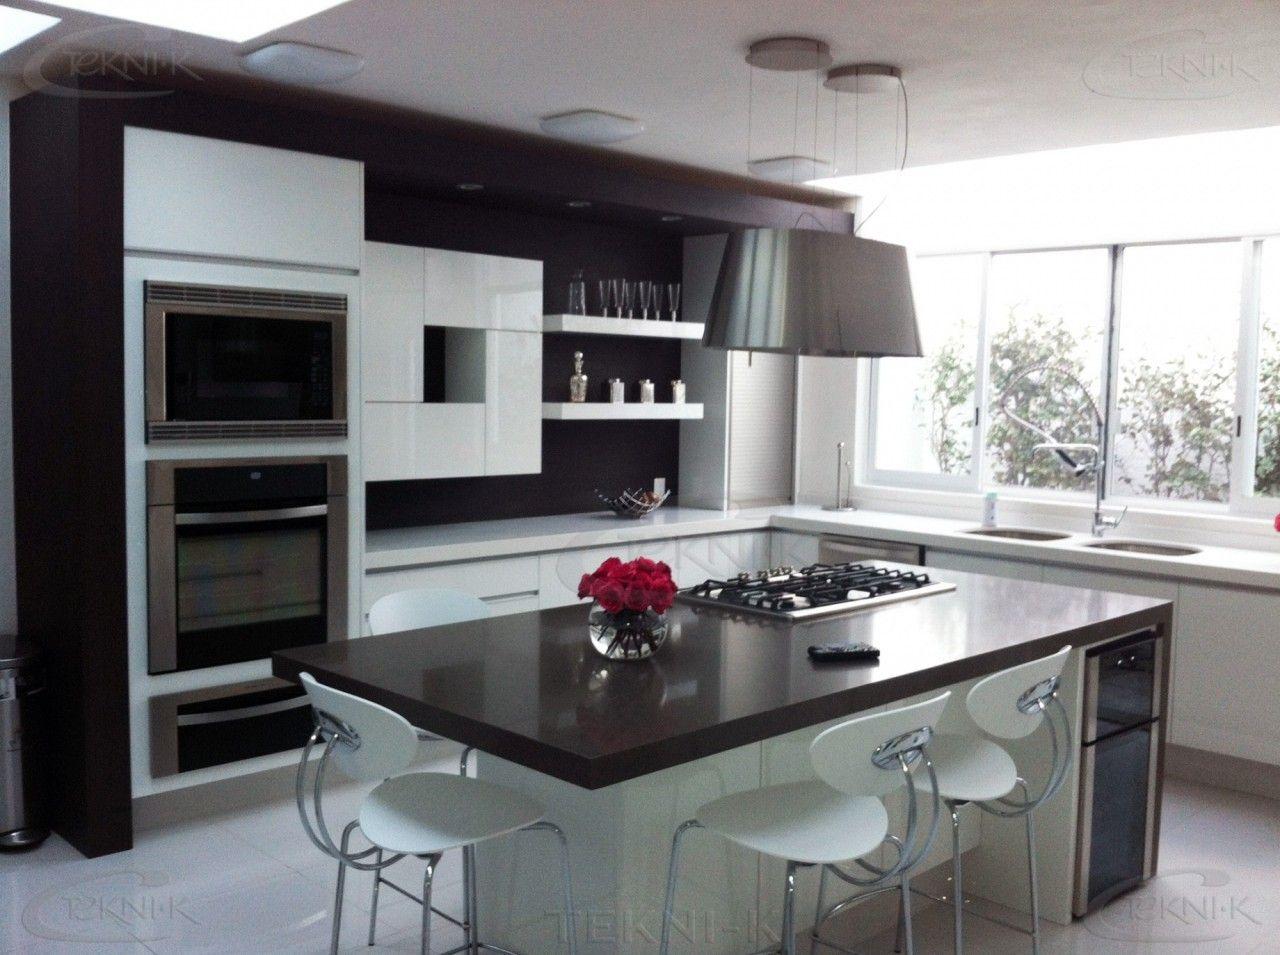 55 Cocinas Elegantes Y Modernas 2019 Cocinas De Lujo Diseno De Cocina Decoracion De Cocina Moderna